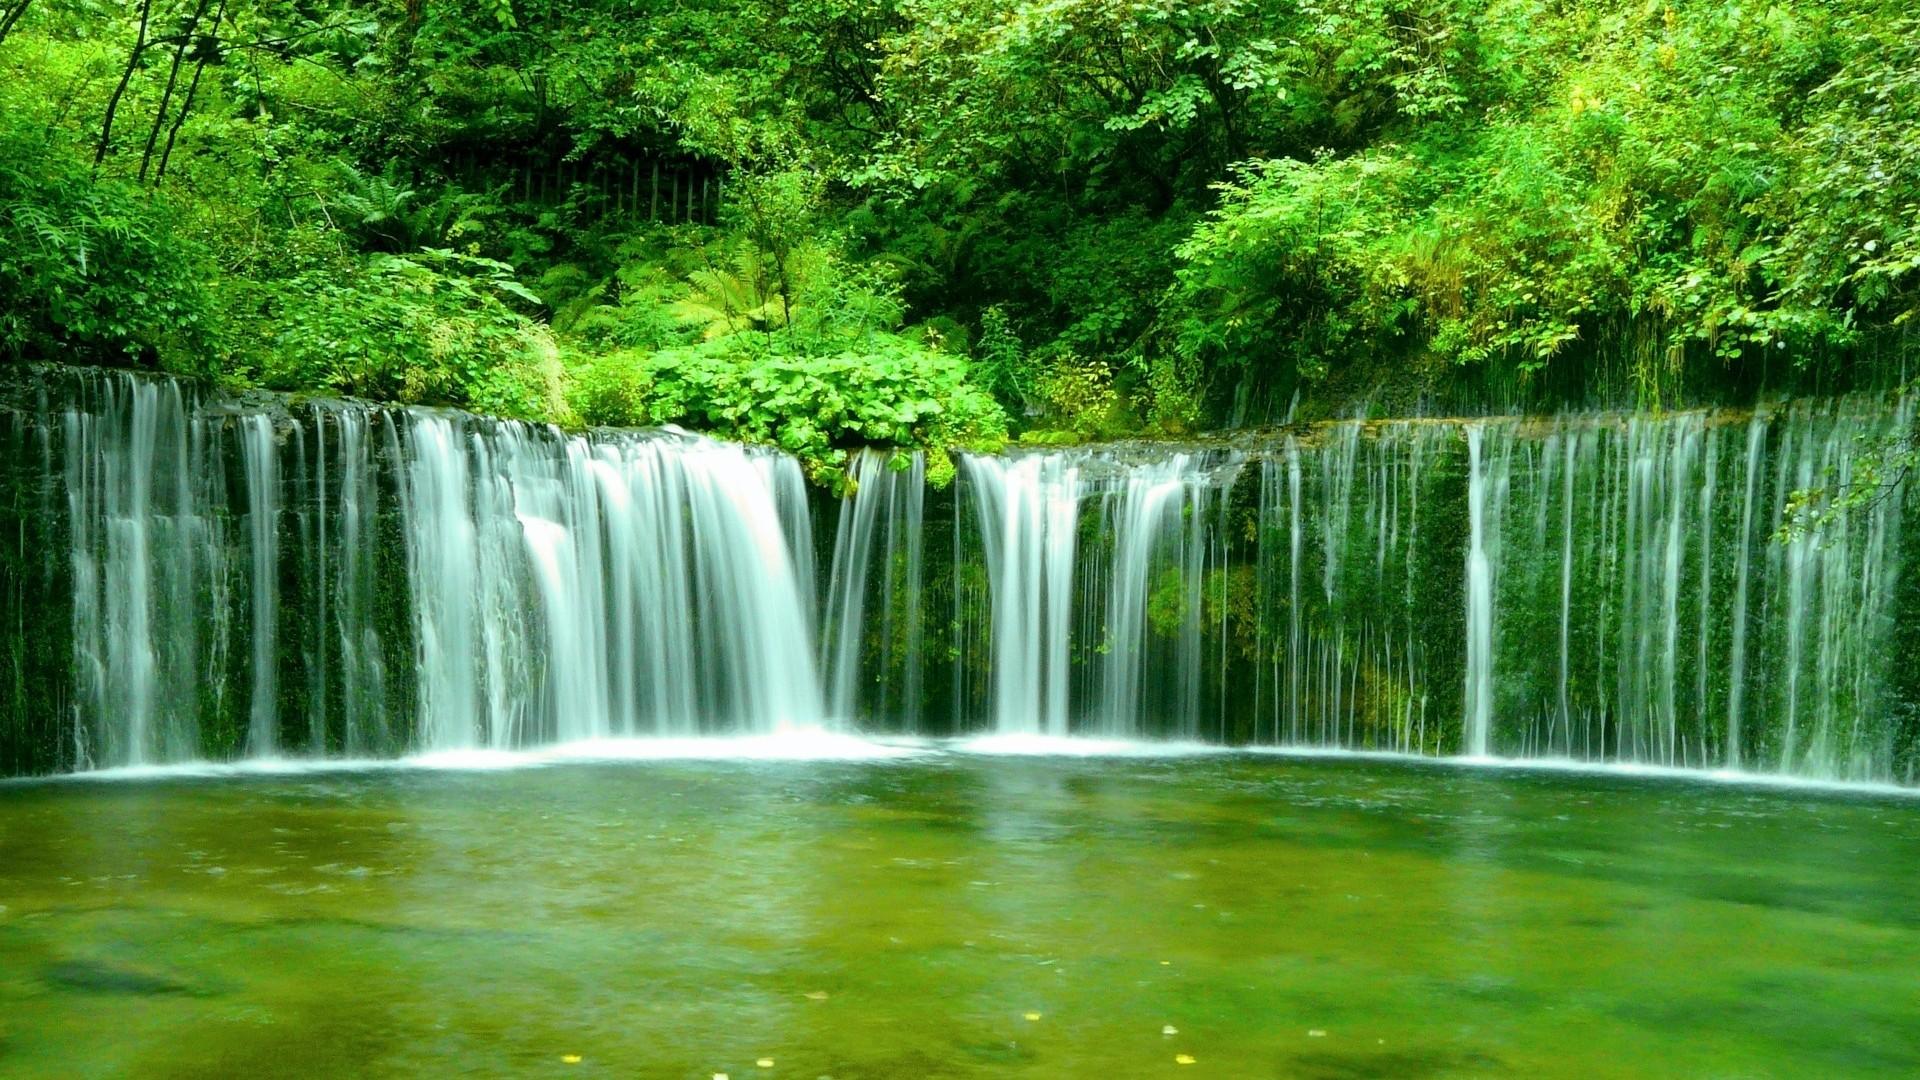 Wallpapersafari: Free Wallpaper Water Scenes